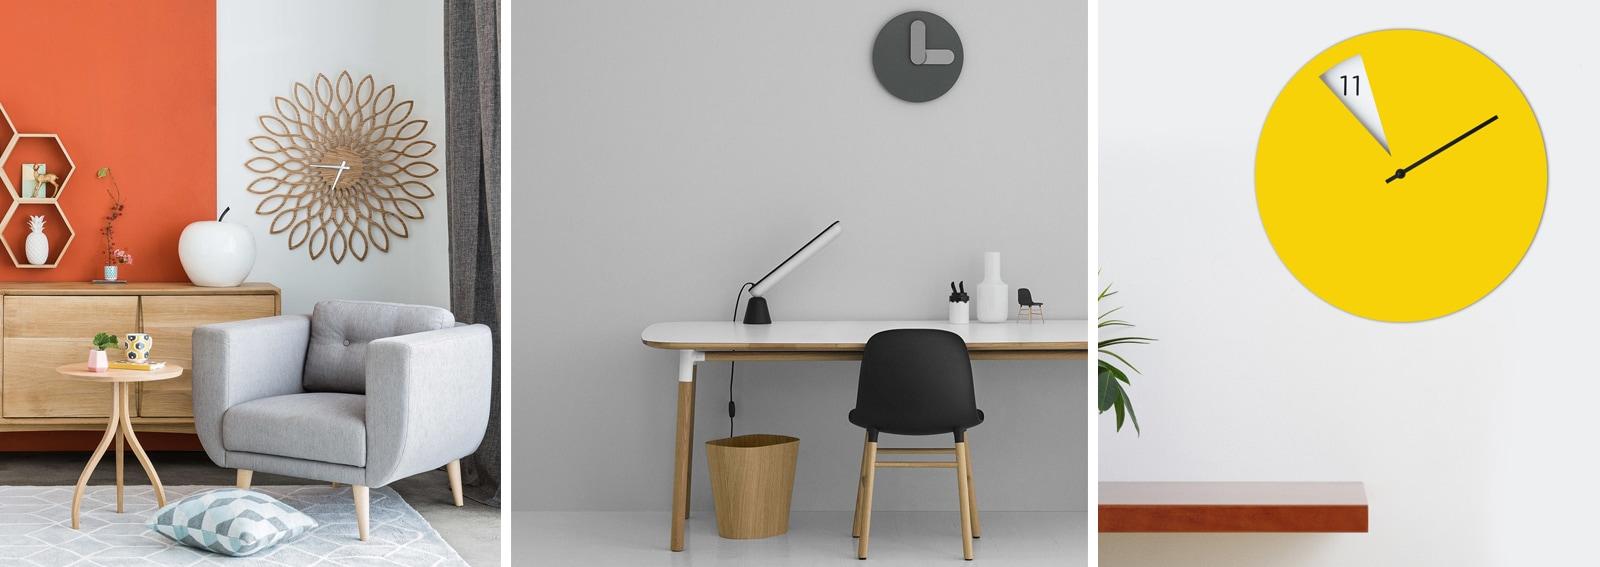 Orologi da parete particolari orologi da tavolo with - Orologi da tavolo moderni ...